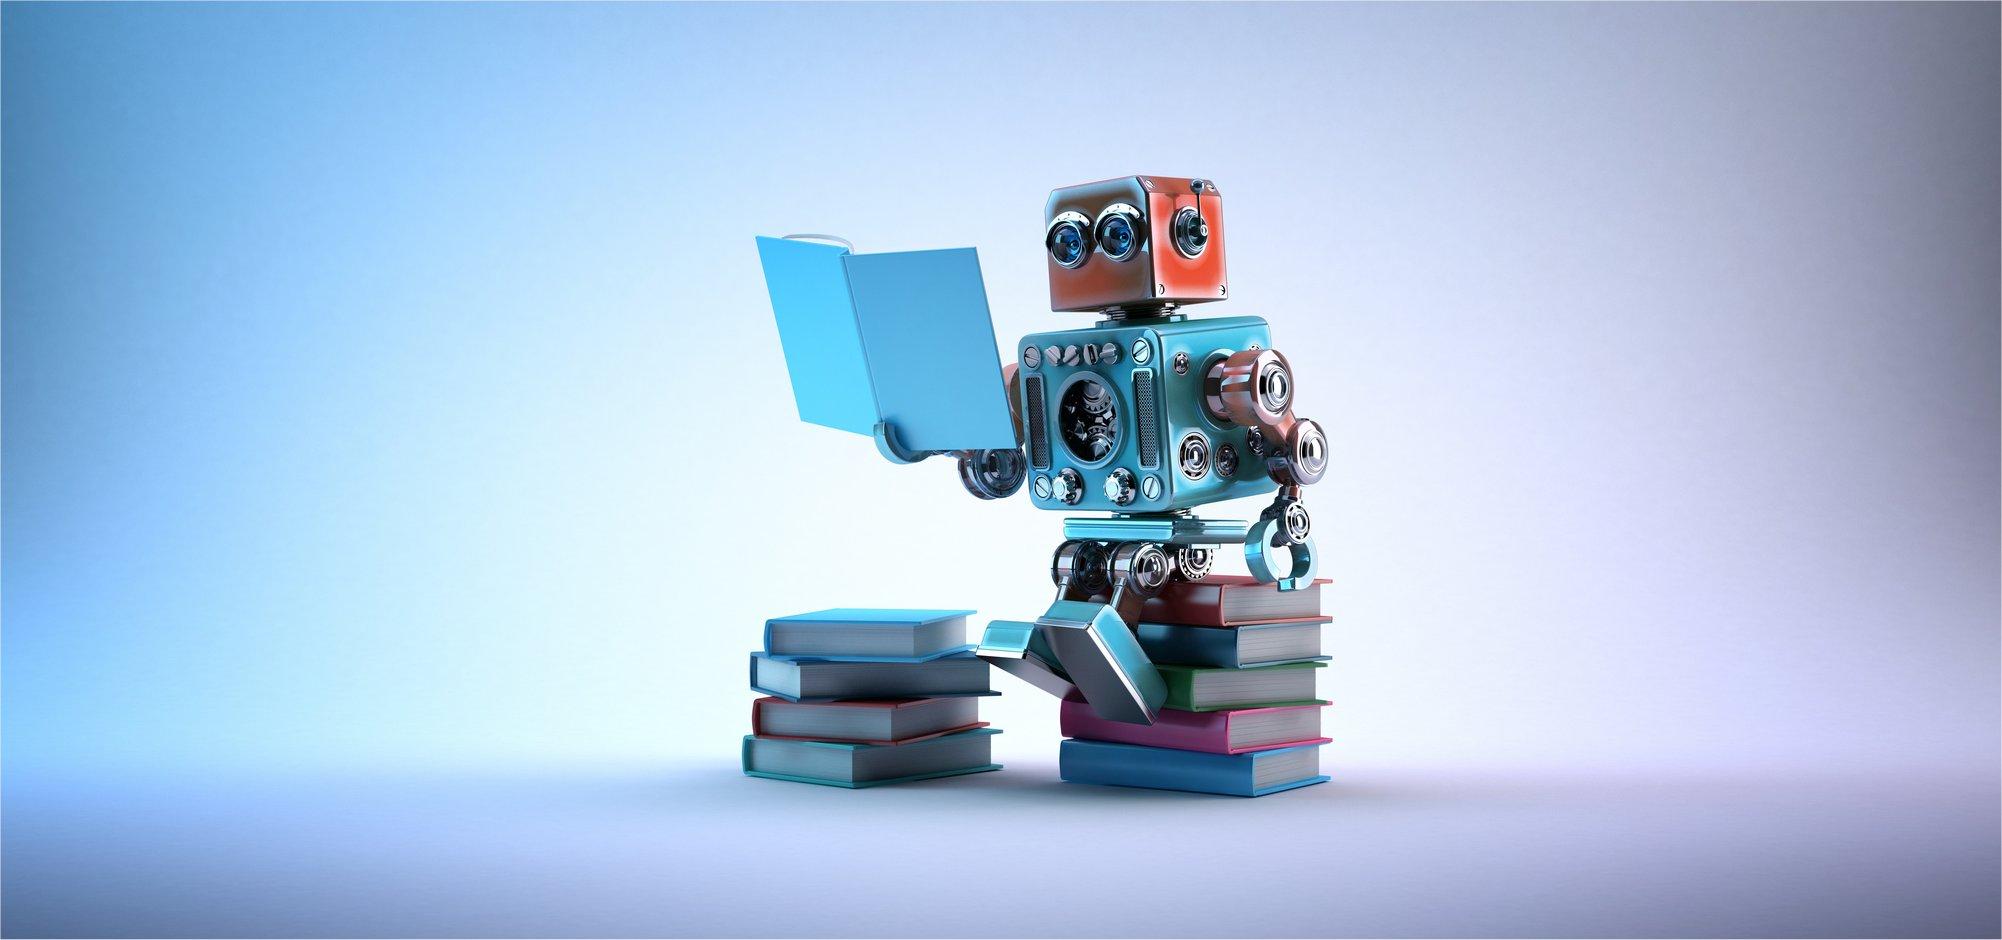 A robot reading a book.